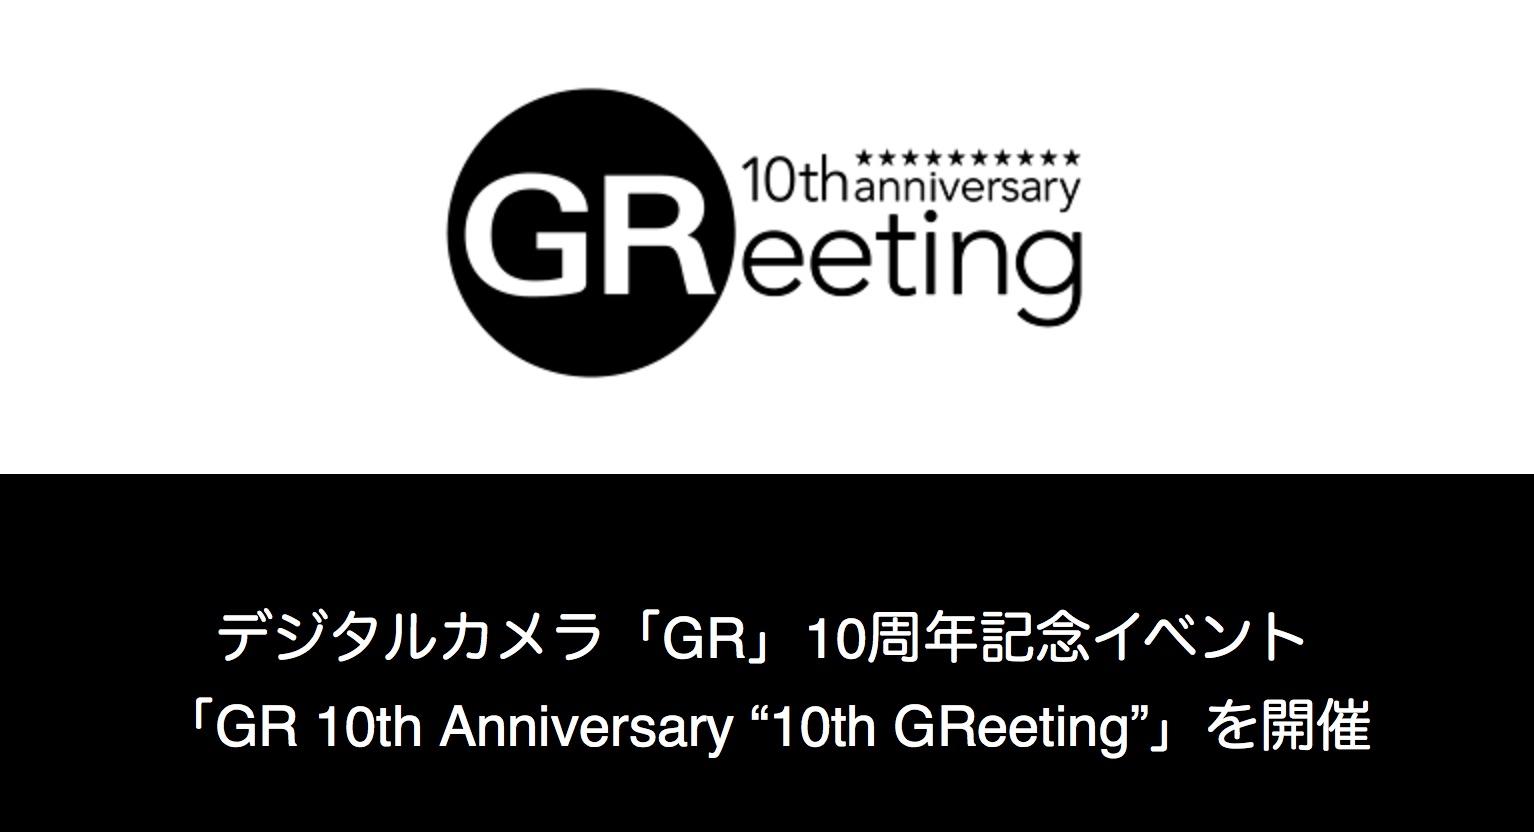 「GR」10周年記念イベントで「GRを想像しよう!」組み合わせ投票用紙が配布される